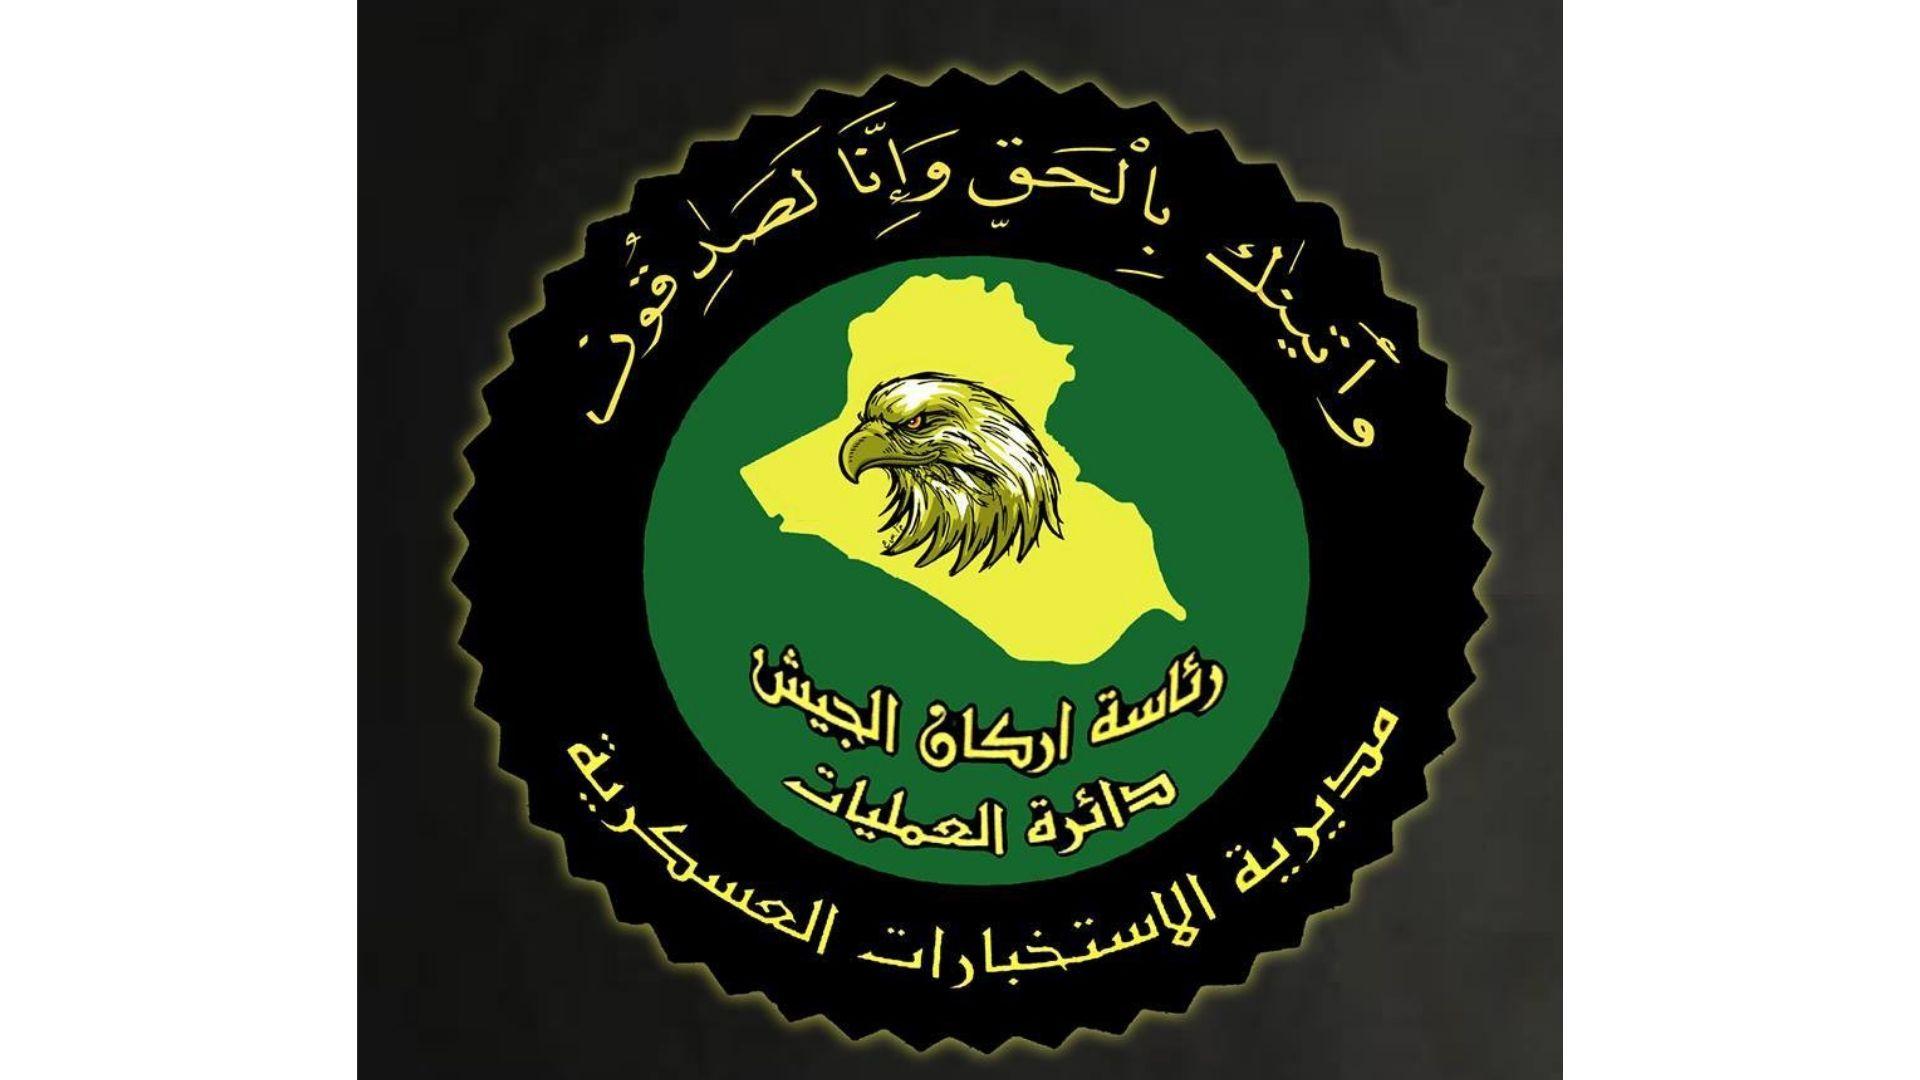 الاستخبارات العسكرية تعلن تفكيك خلية إرهابية في الموصل